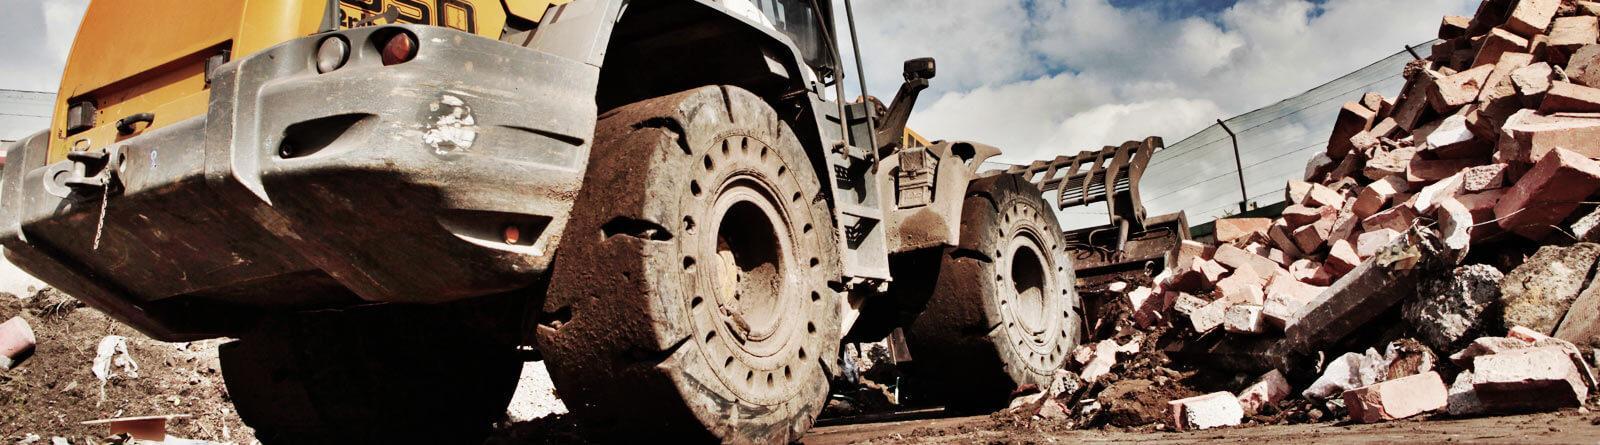 Trelleborg будет поставлять Caterpillar шины для комплектации колесных погрузчиков